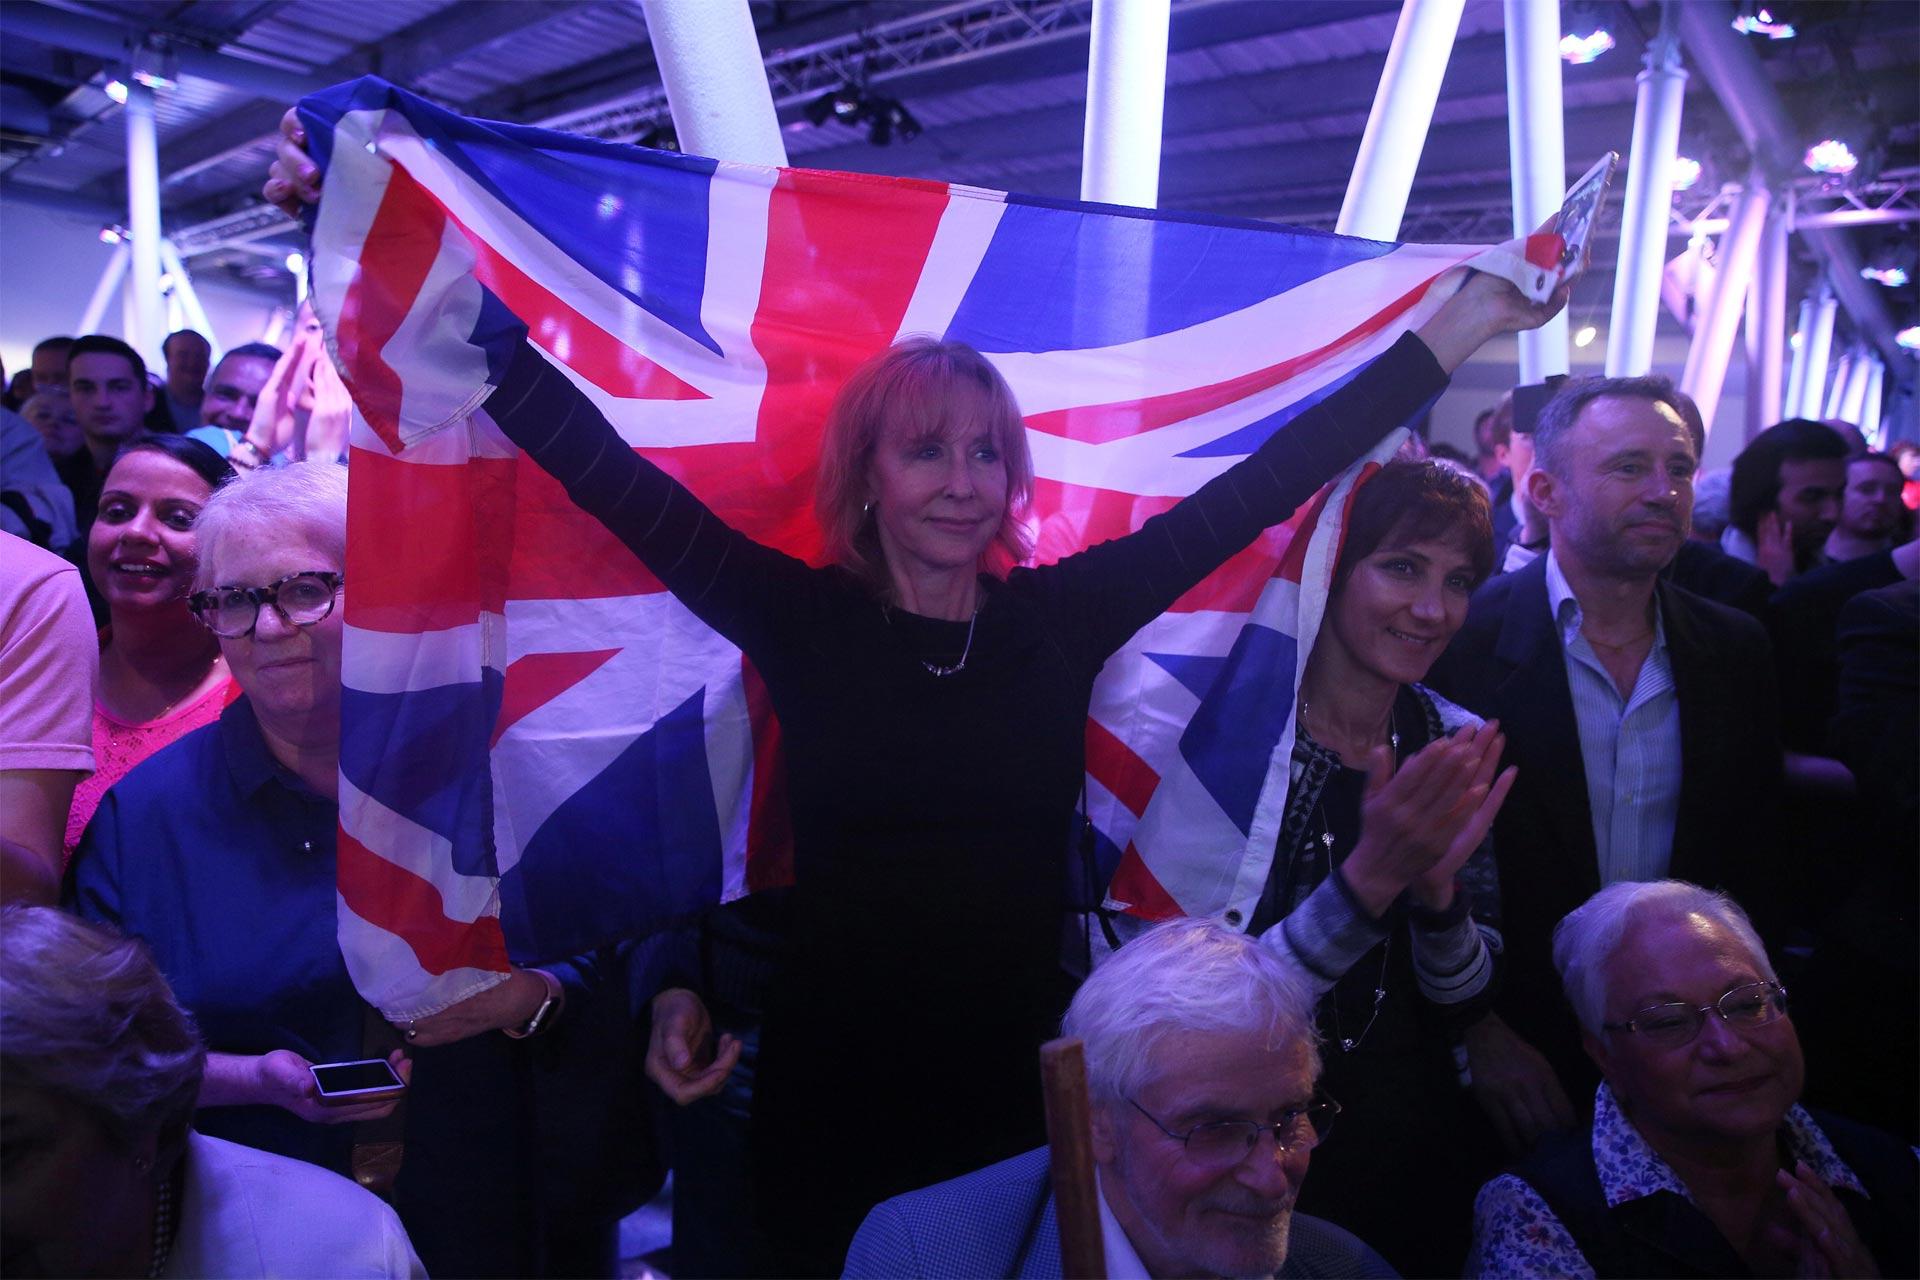 Según varias encuestas, varios británicos votarían por la salida del Reino Unido de la Unión Europea